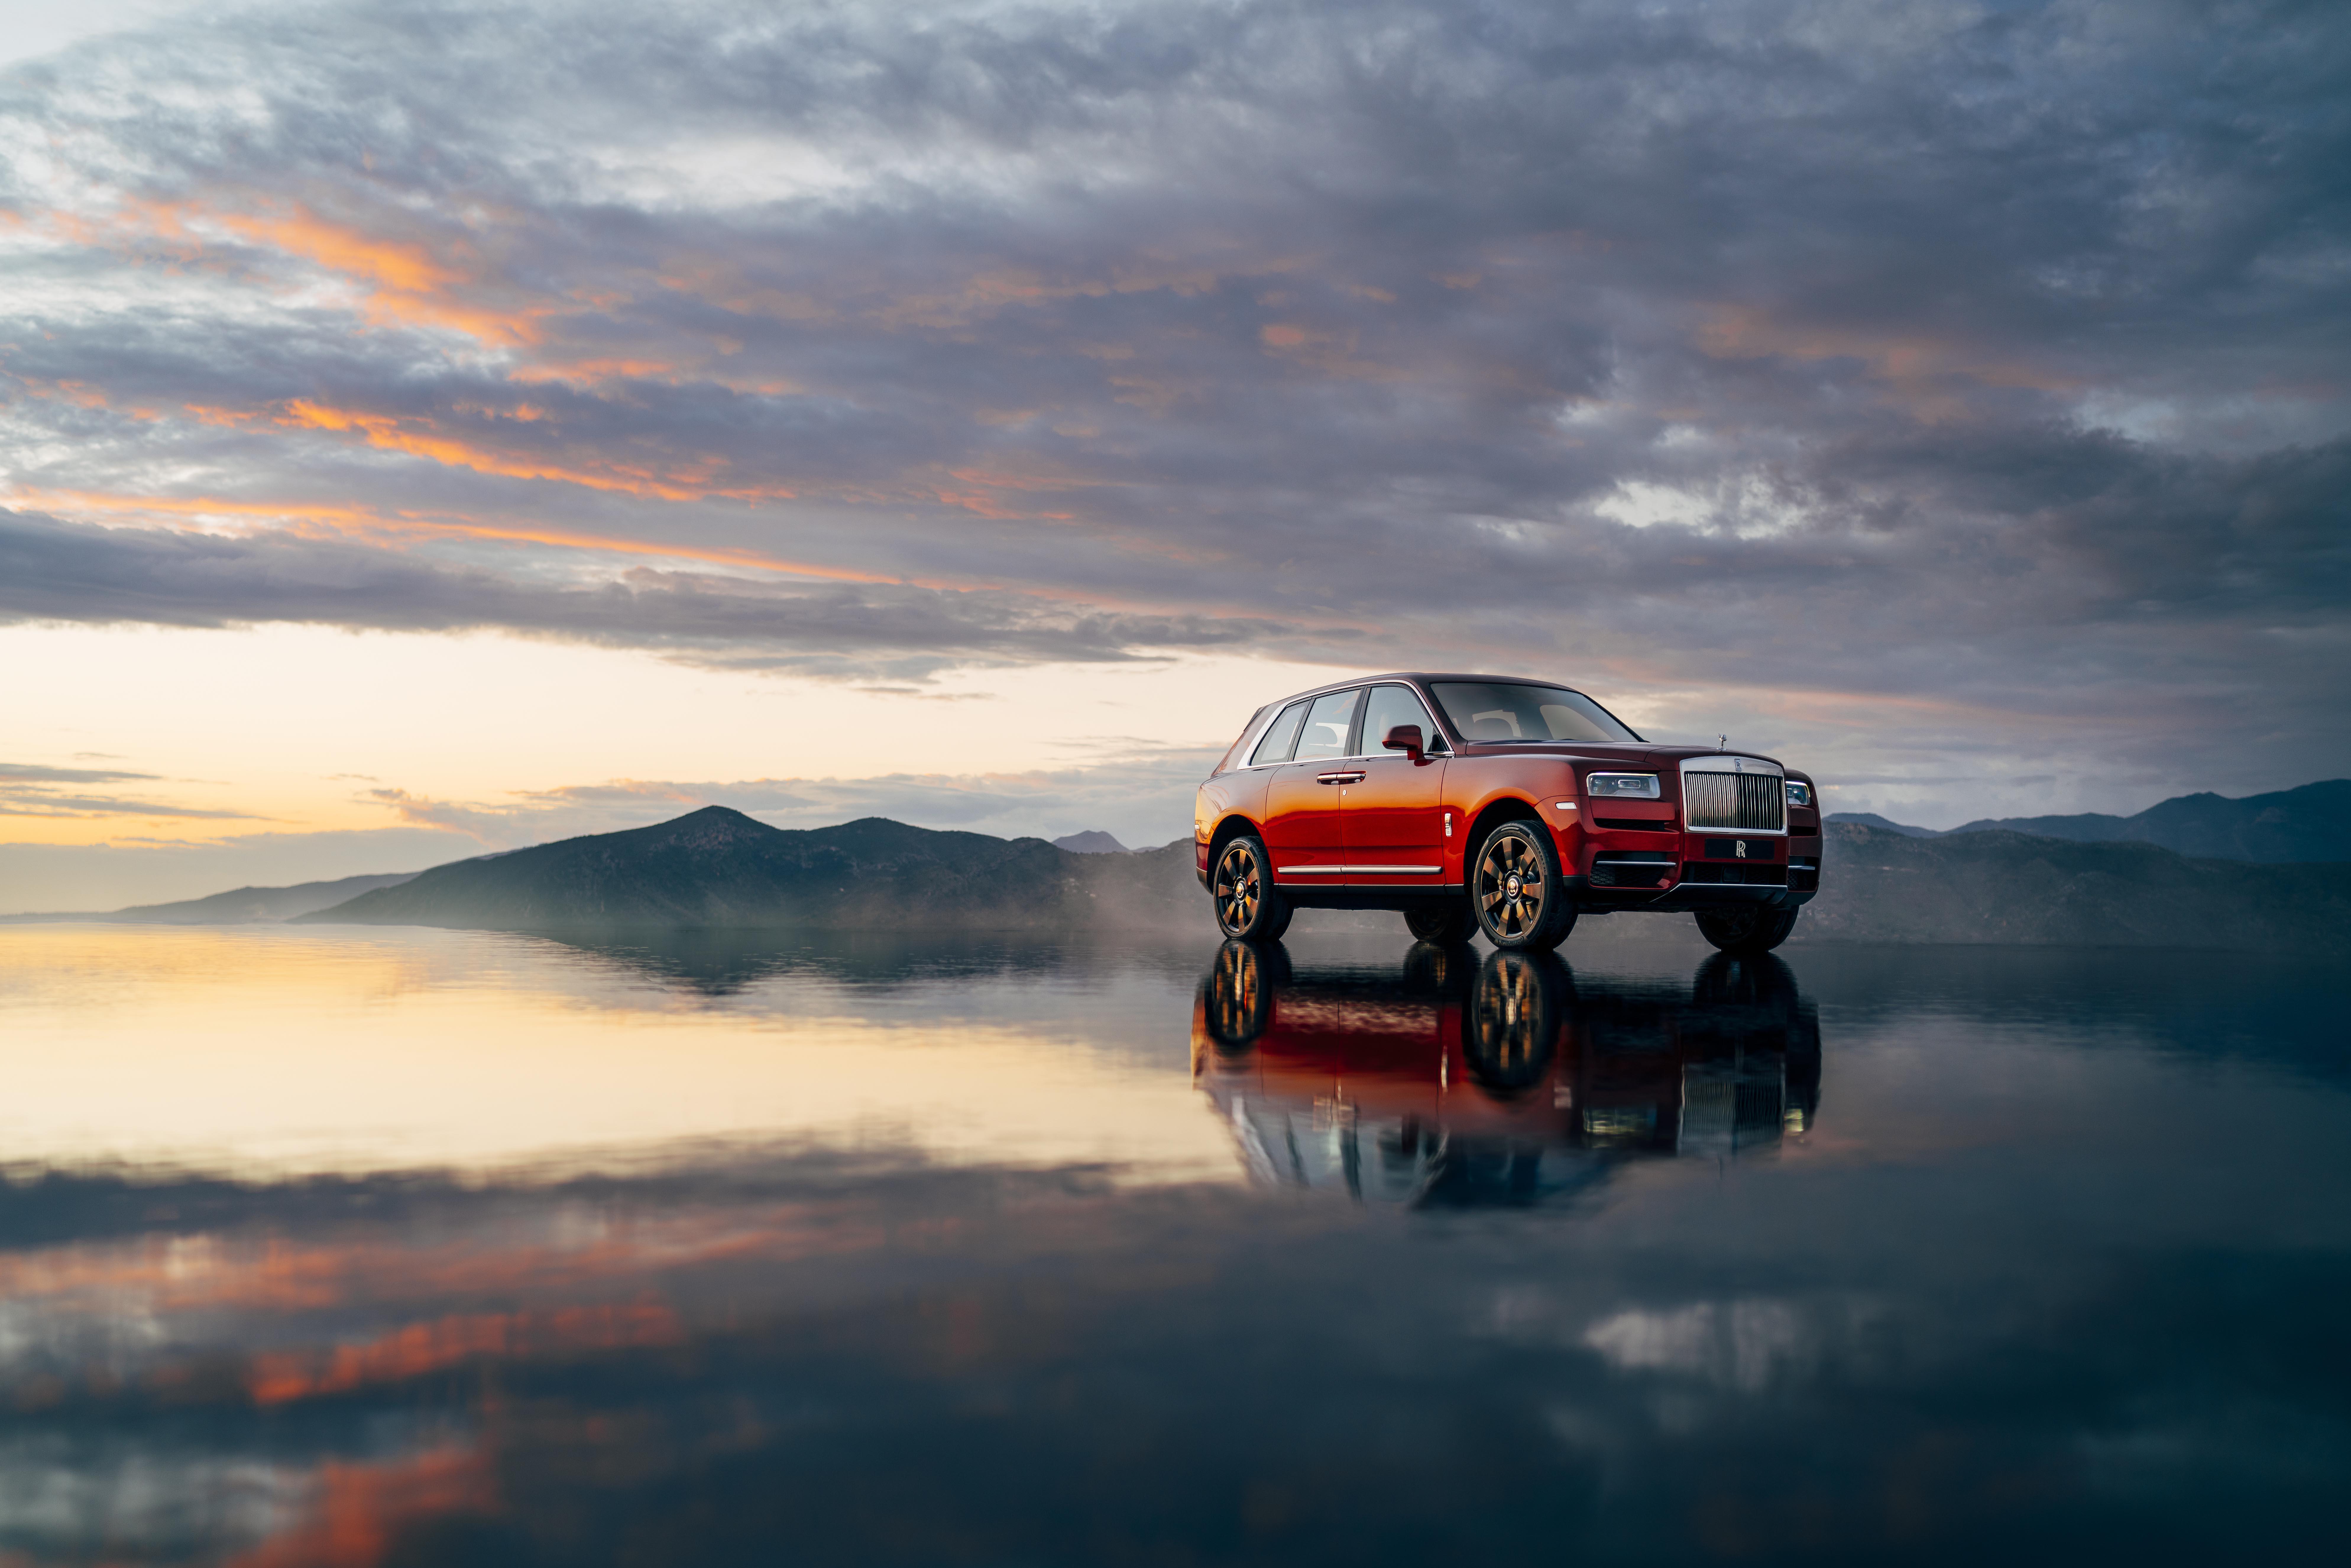 Utilitário esportivo Rolls-Royce Cullinan na cor laranja em um chão molhado com reflexo do carro e do céu e montanhas ao fundo no entardecer